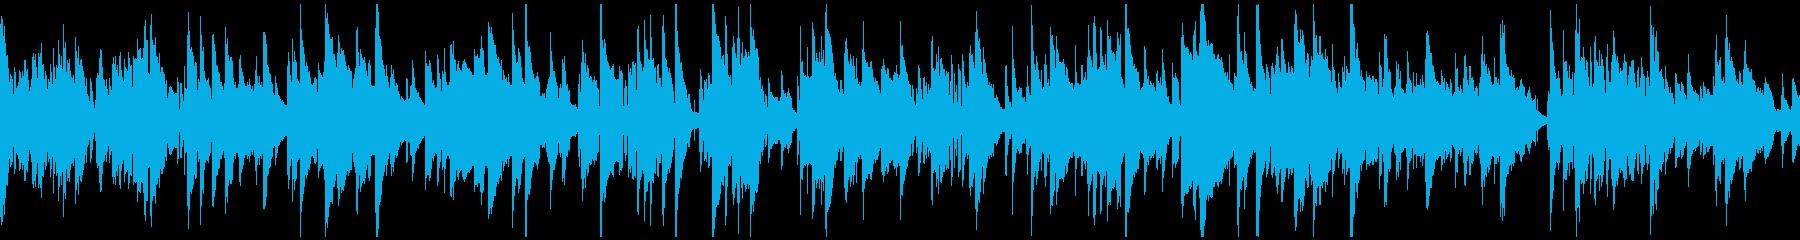 ジャズ、ラブシーン、サックス ※ループ版の再生済みの波形